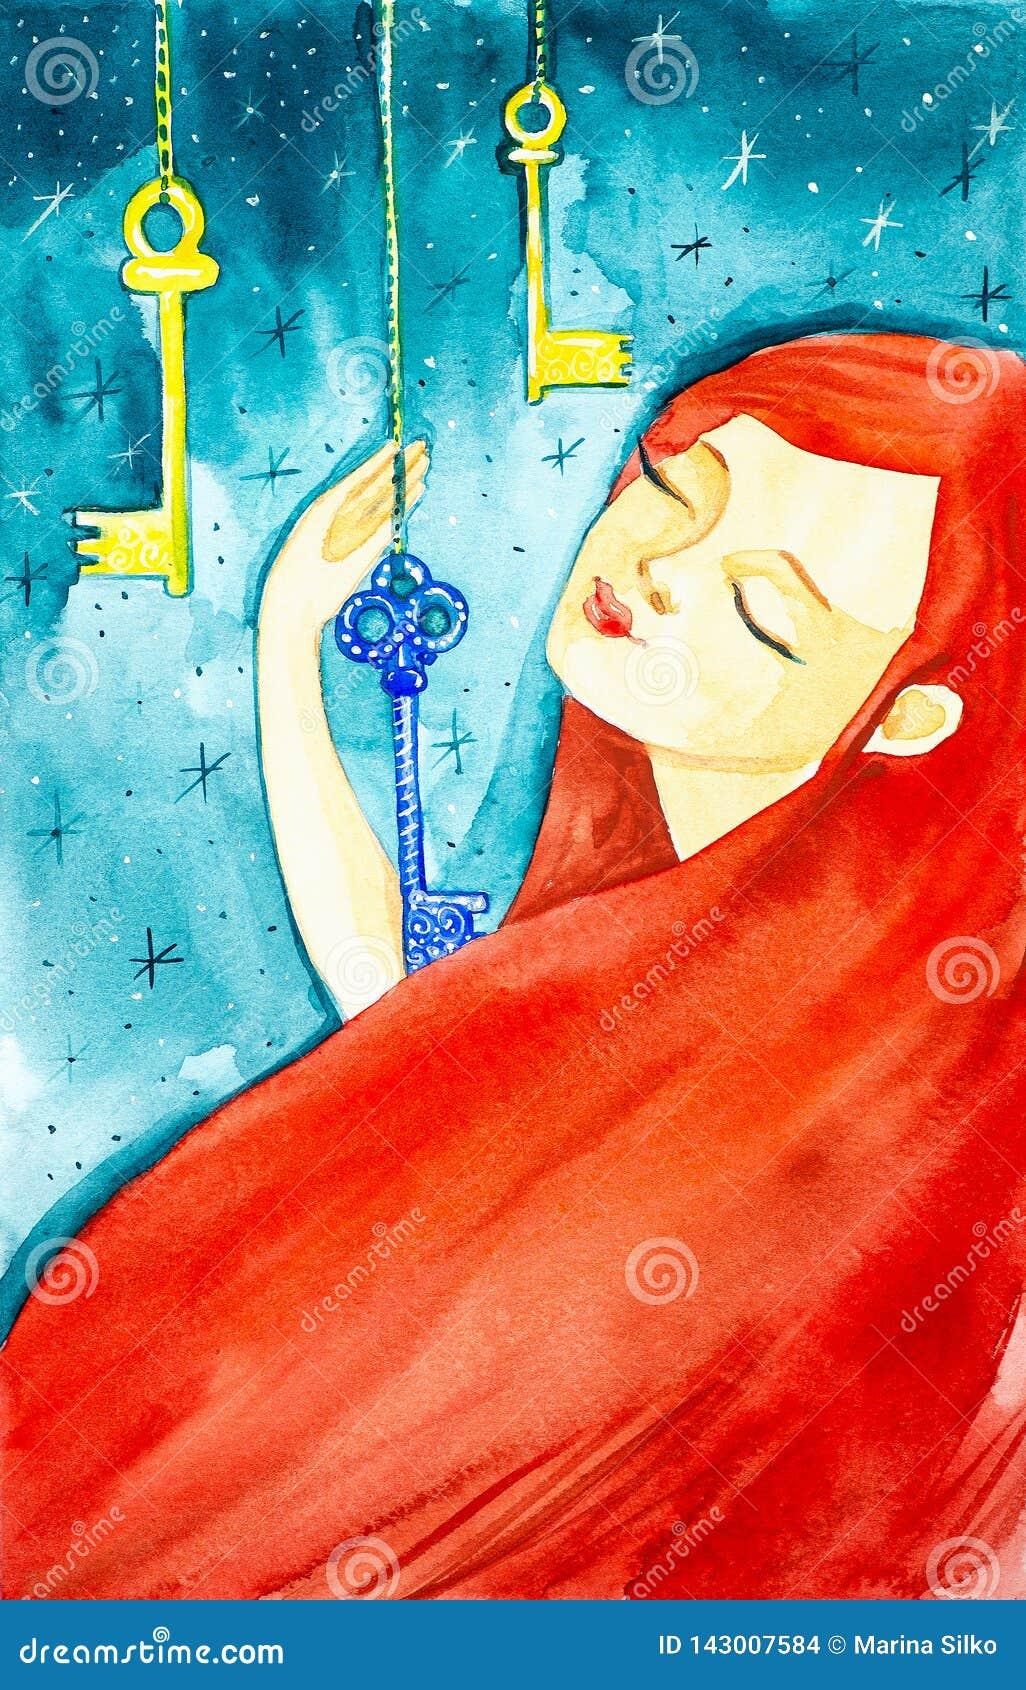 Portrait d une belle fille avec de longs cheveux rouges et yeux fermés La fille tient une des trois clés fabuleuses pendant du